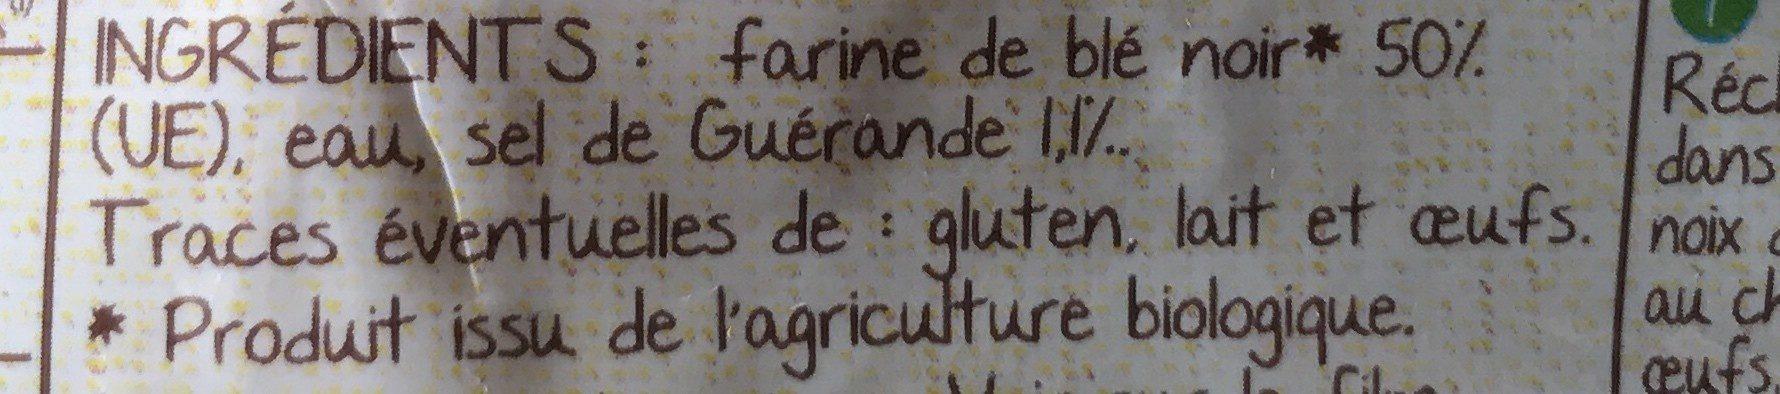 4 Galettes de blé noir - Ingrédients